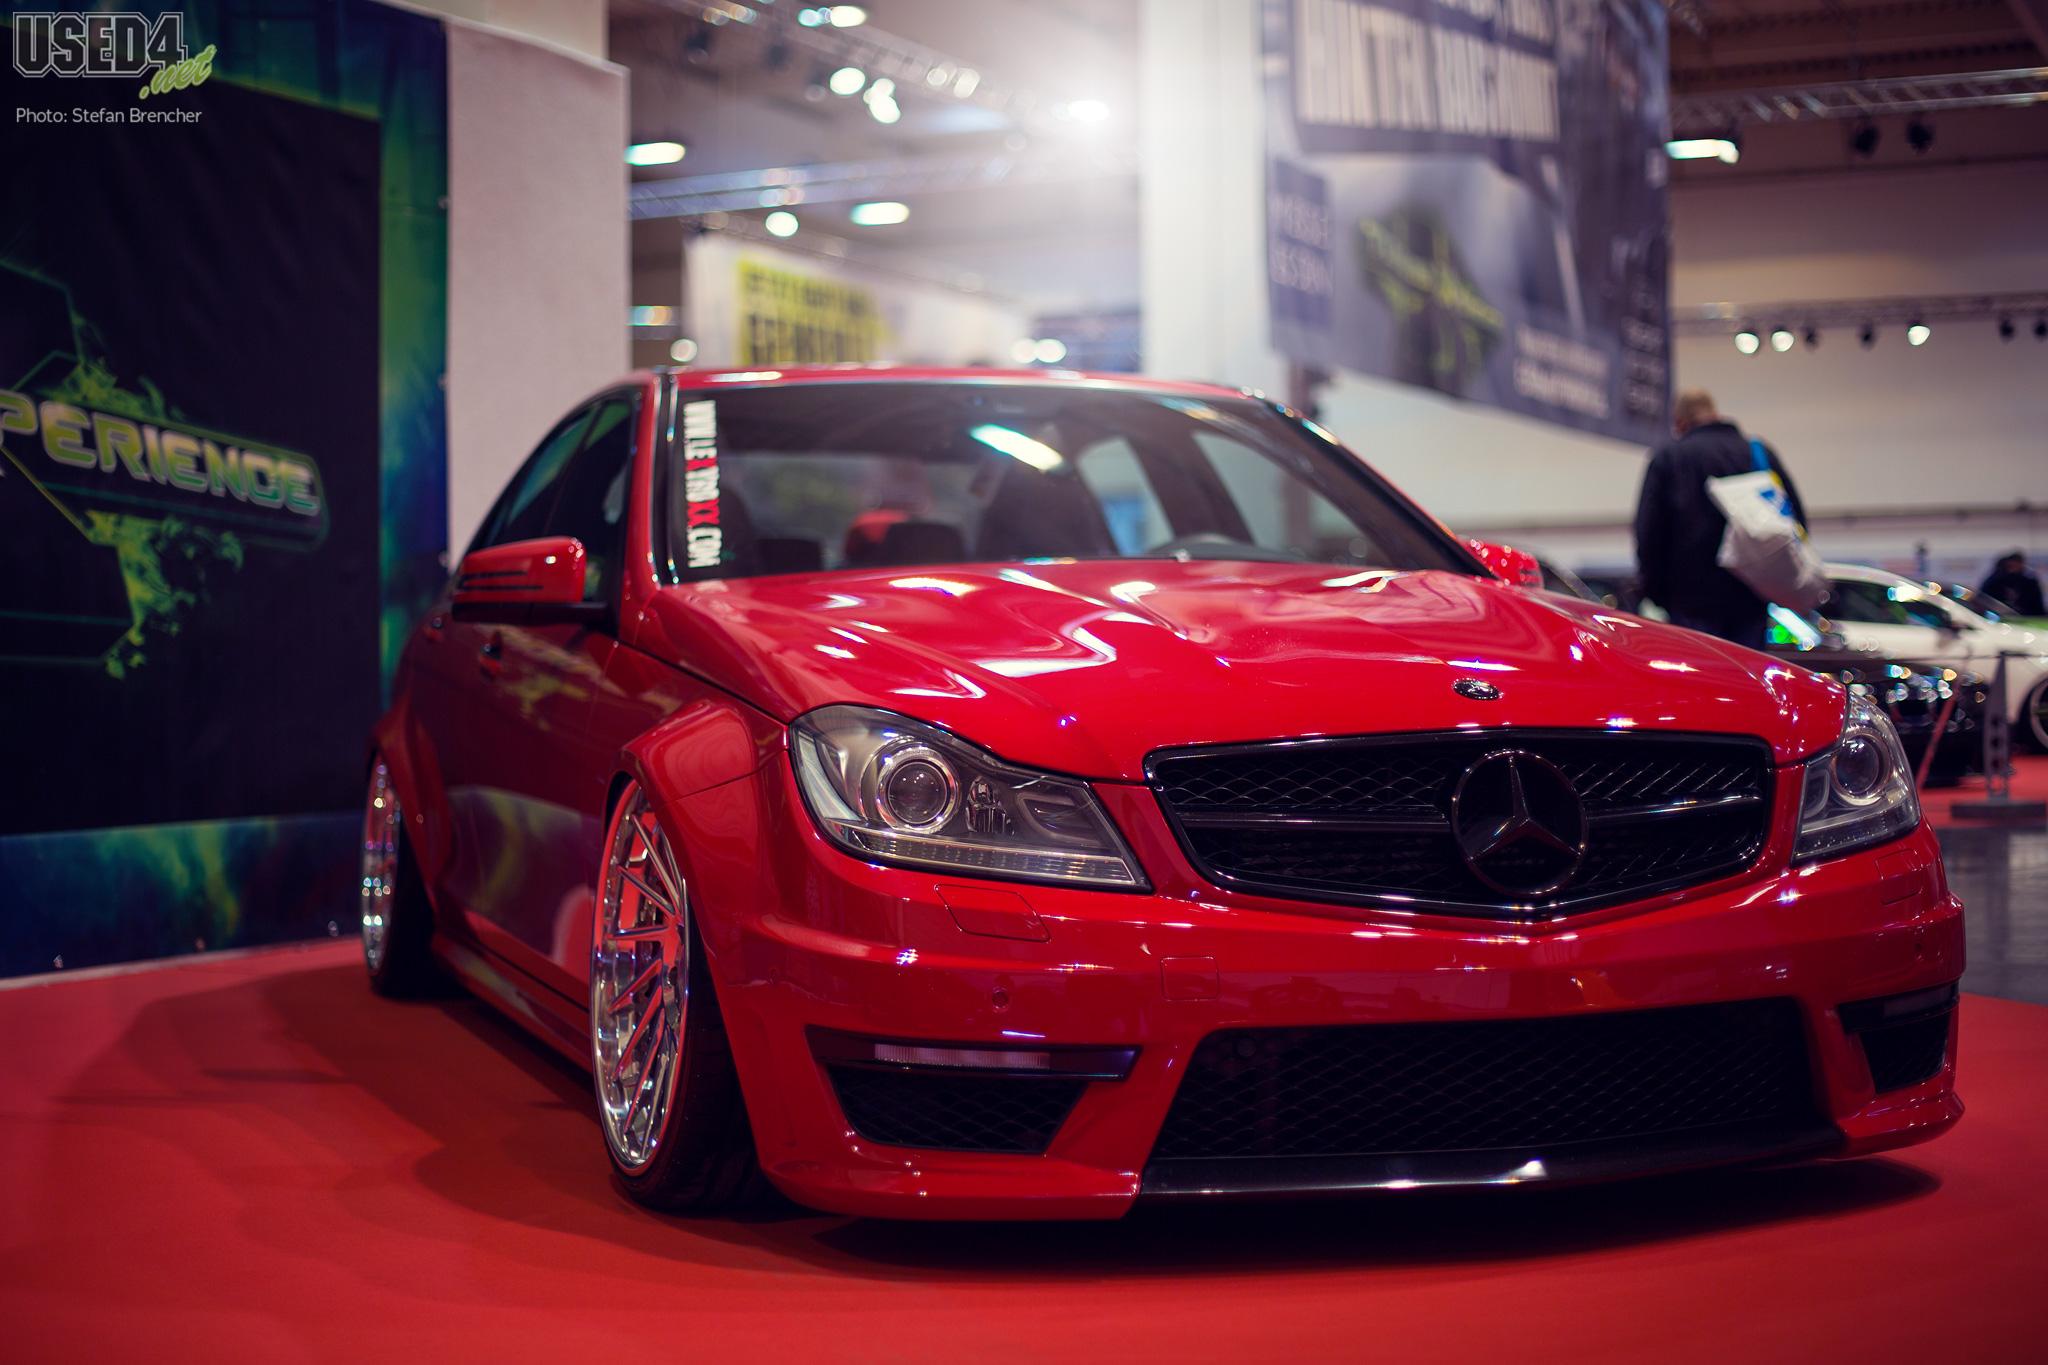 Motorshow Essen 2015 Used4net